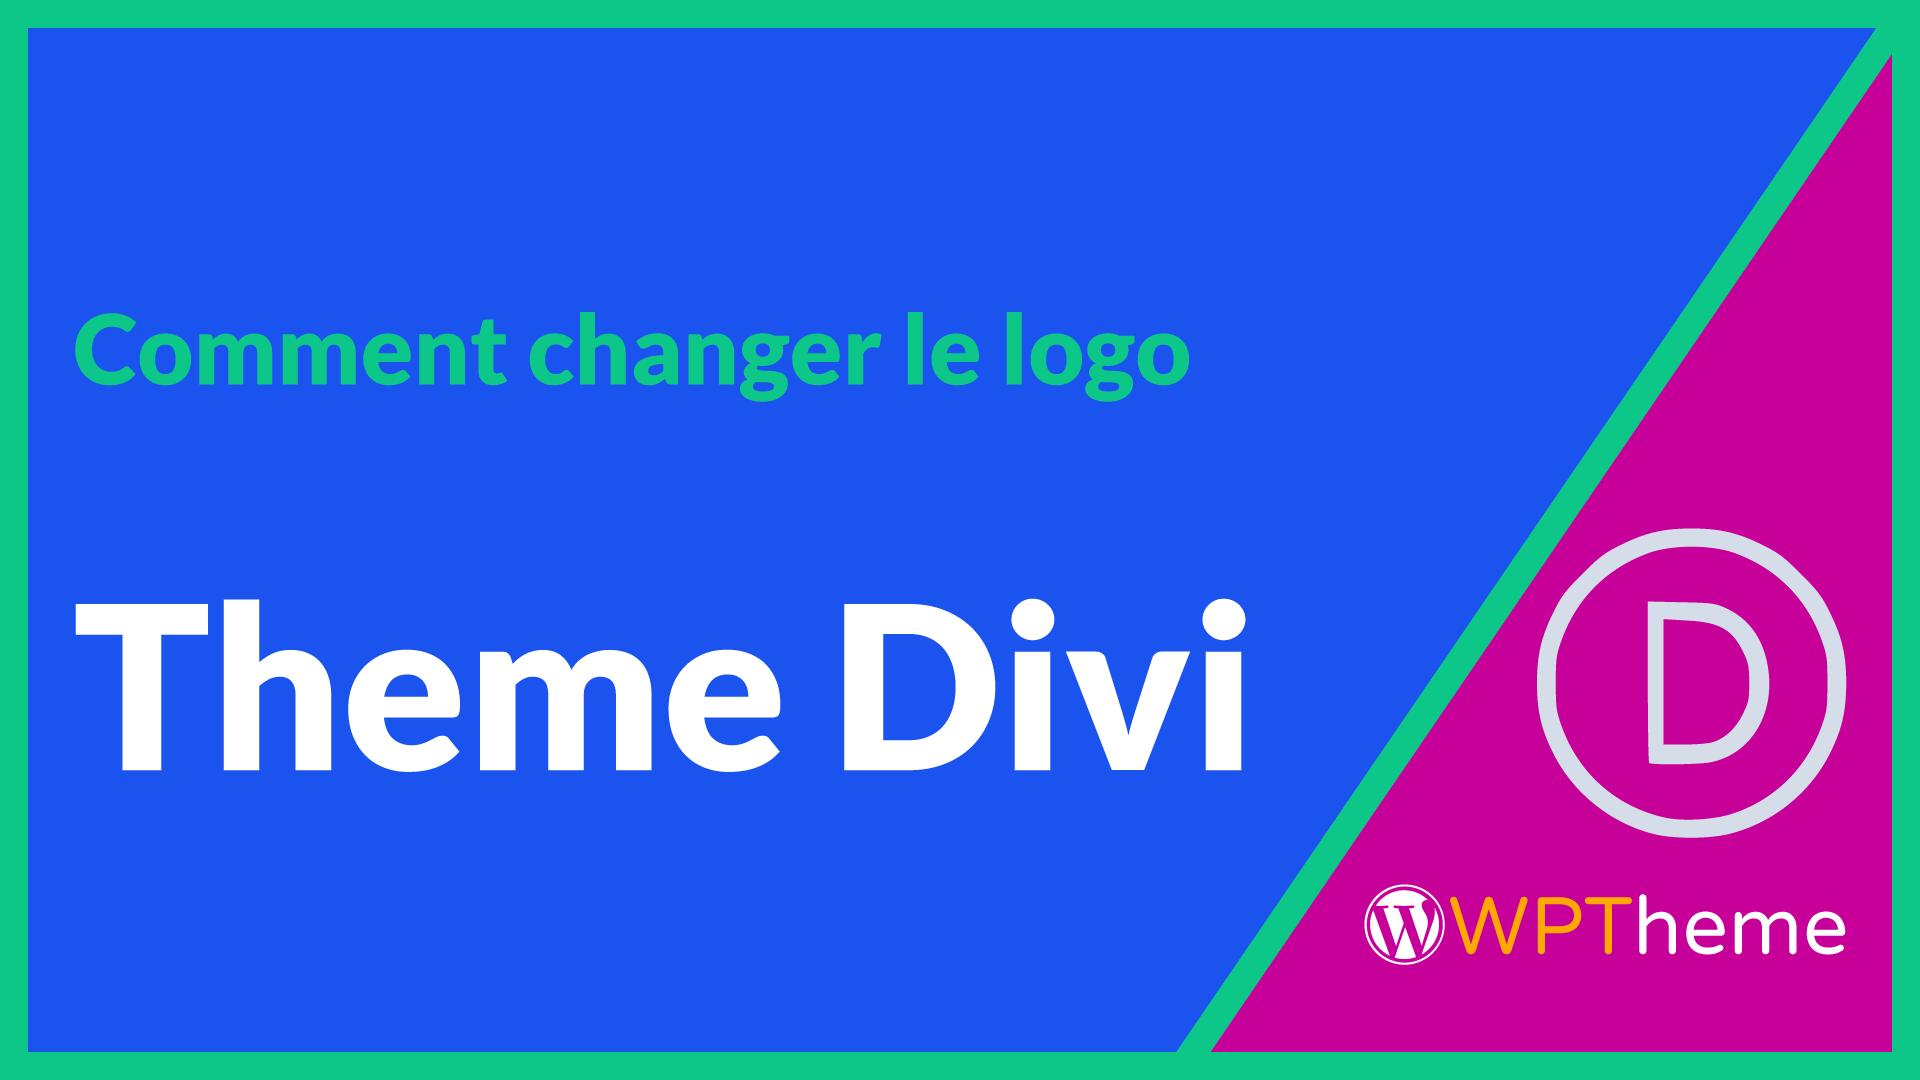 changer-logo-theme-divi